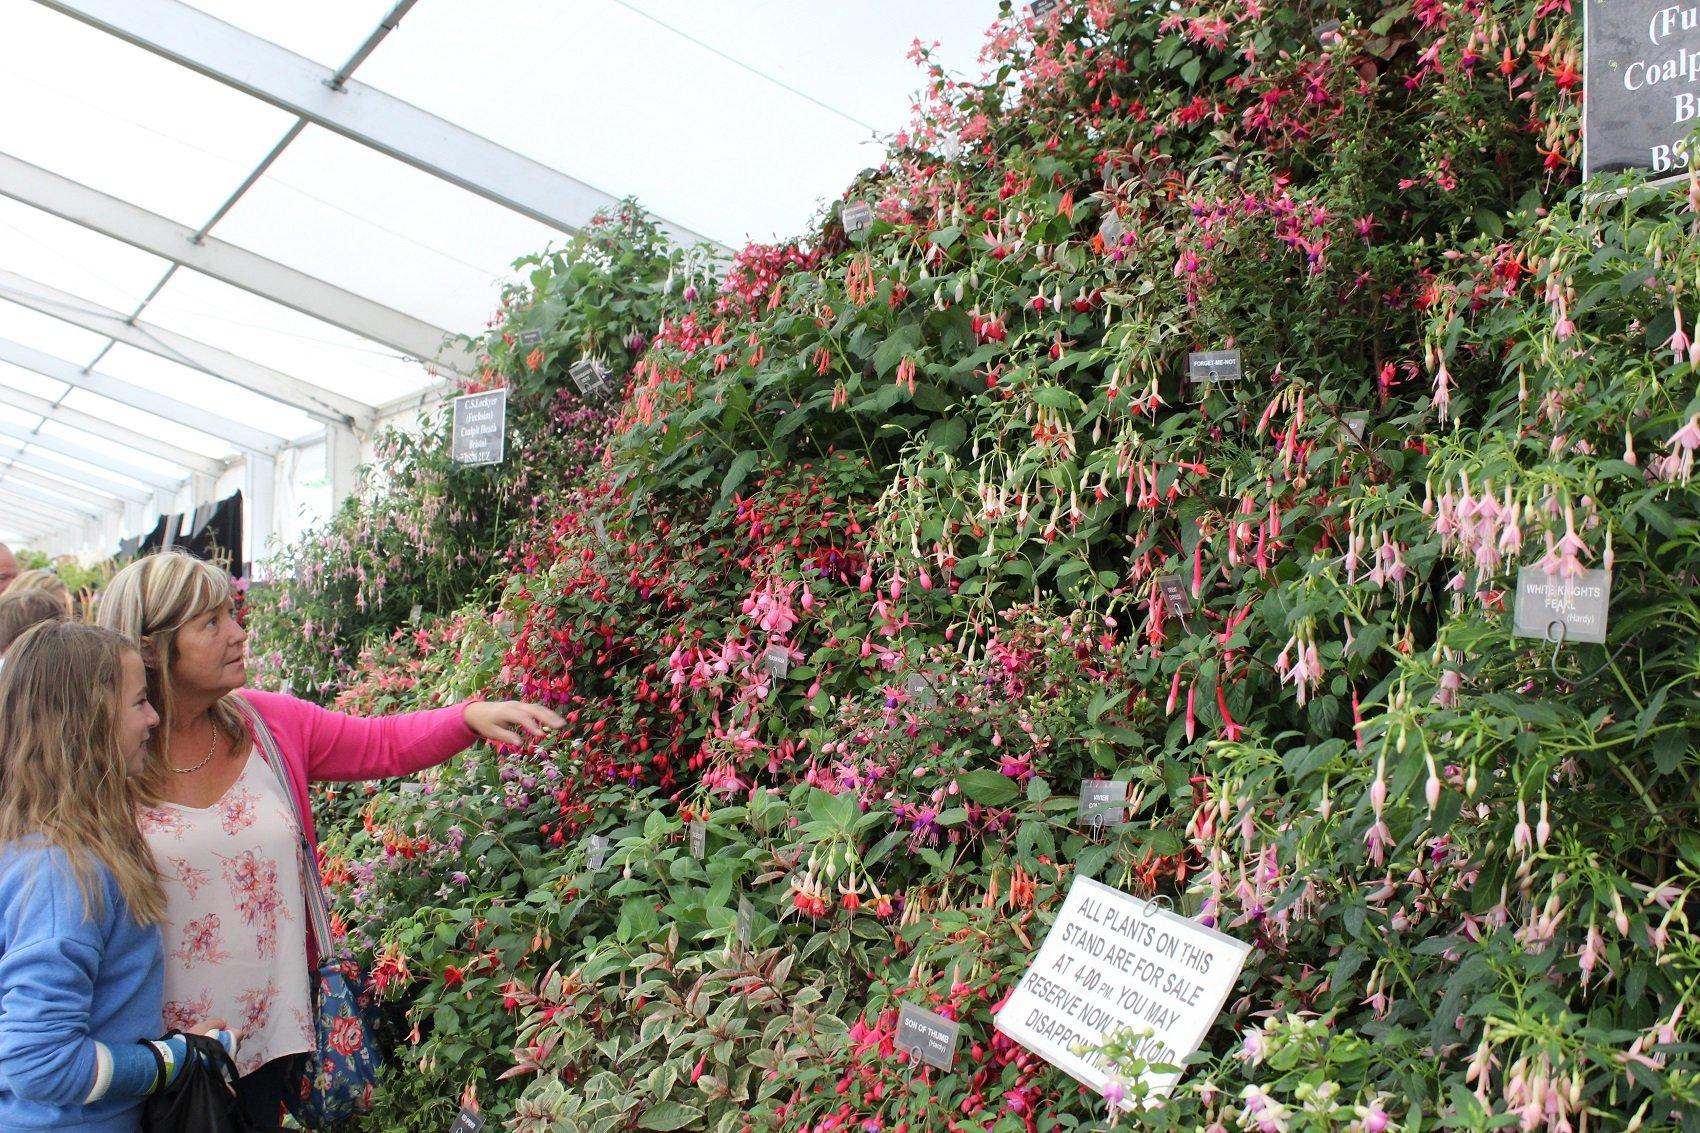 Bethan a Hana yn edmygu'r arddangosfa flodau // Bethan and Hana admiring the flower display